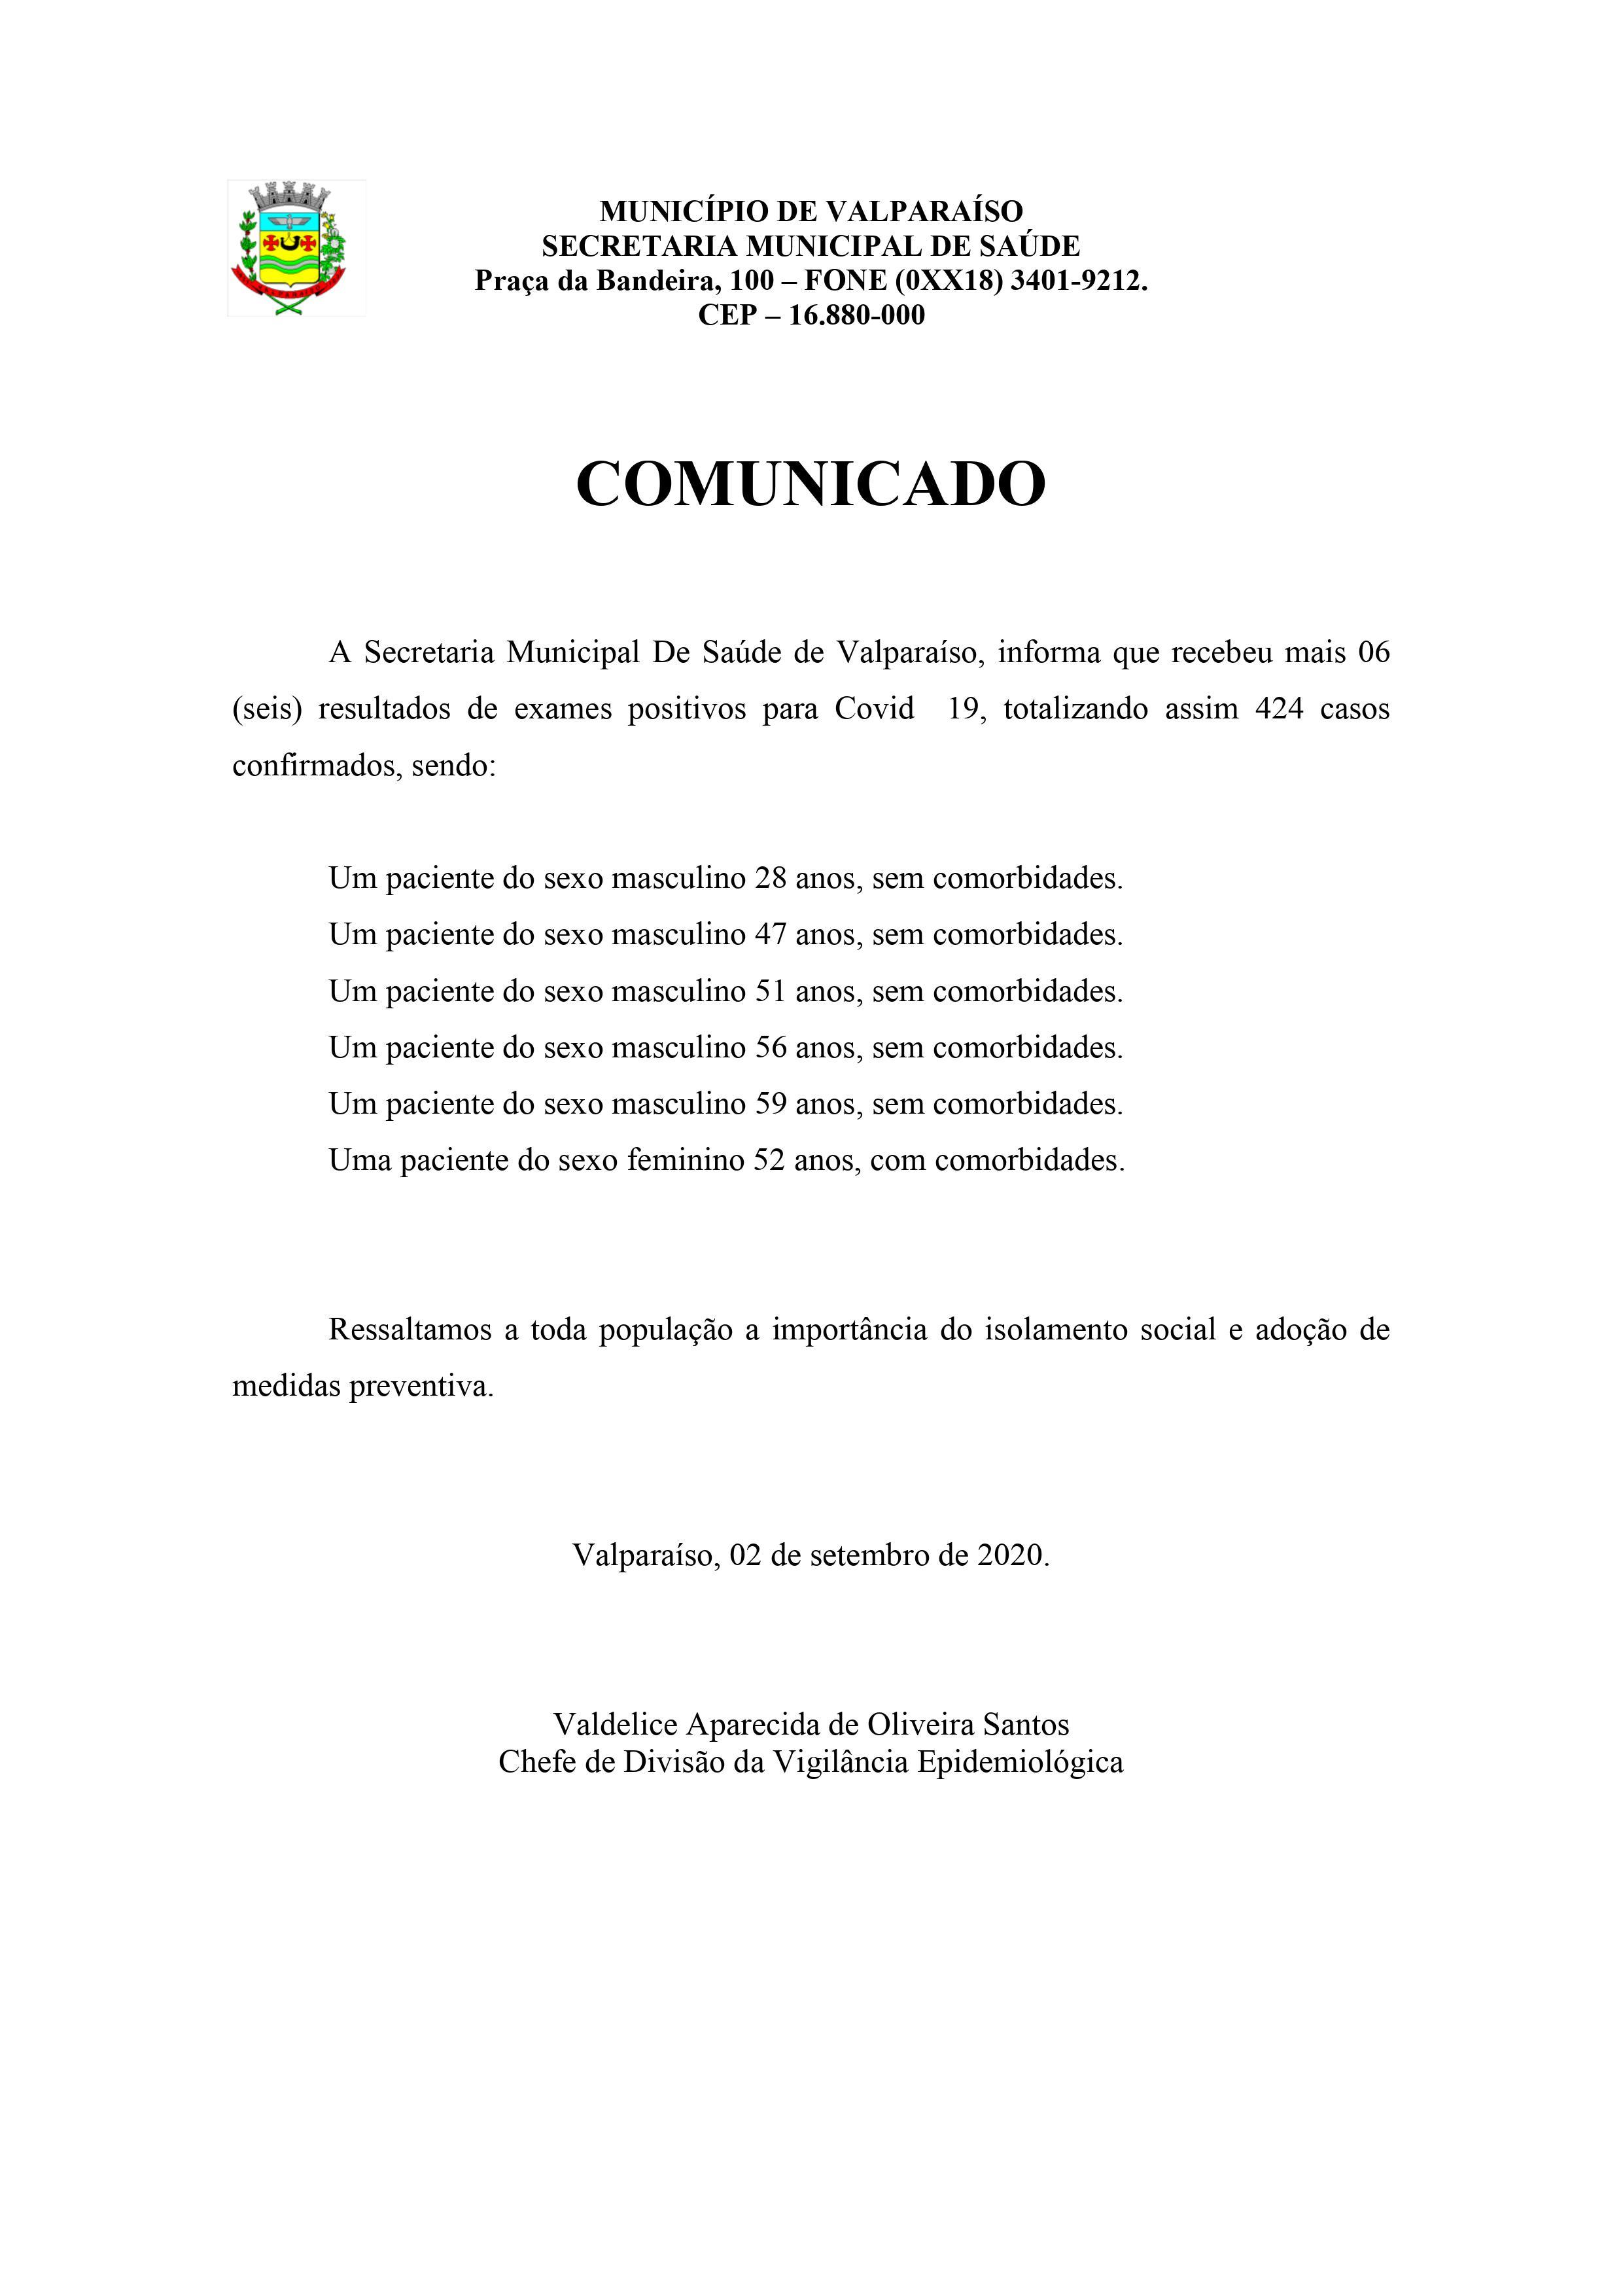 covid424